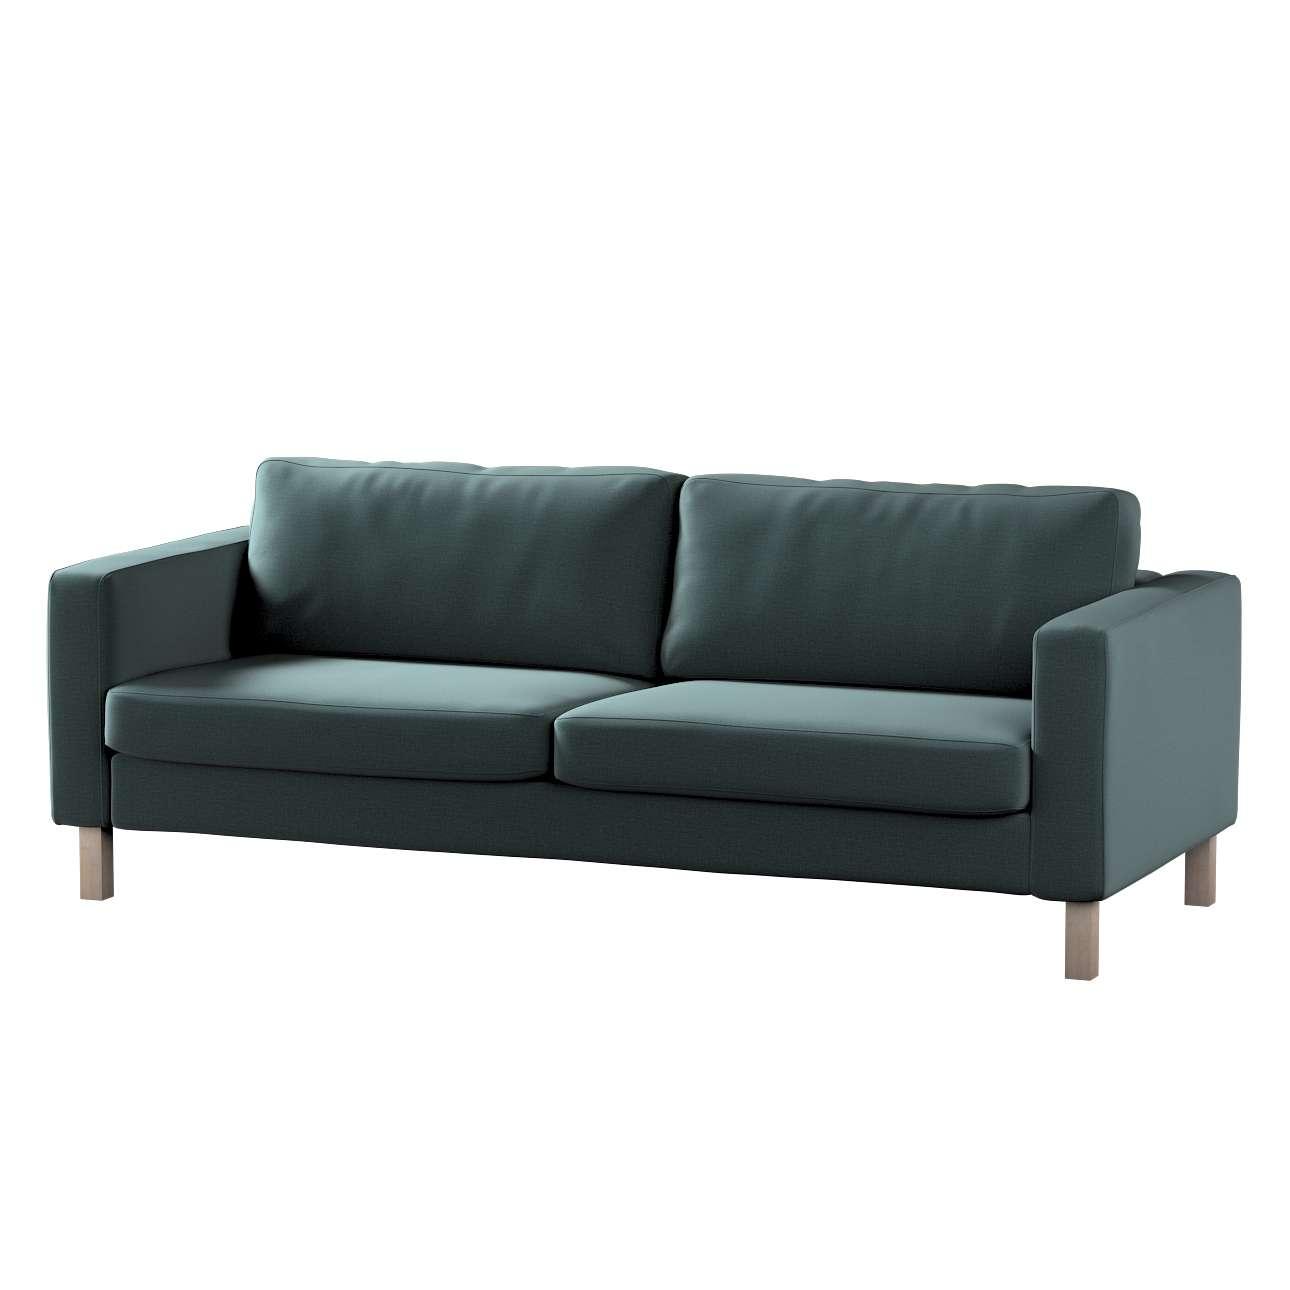 Karlstad 3-Sitzer Sofabezug nicht ausklappbar kurz von der Kollektion Ingrid, Stoff: 705-36